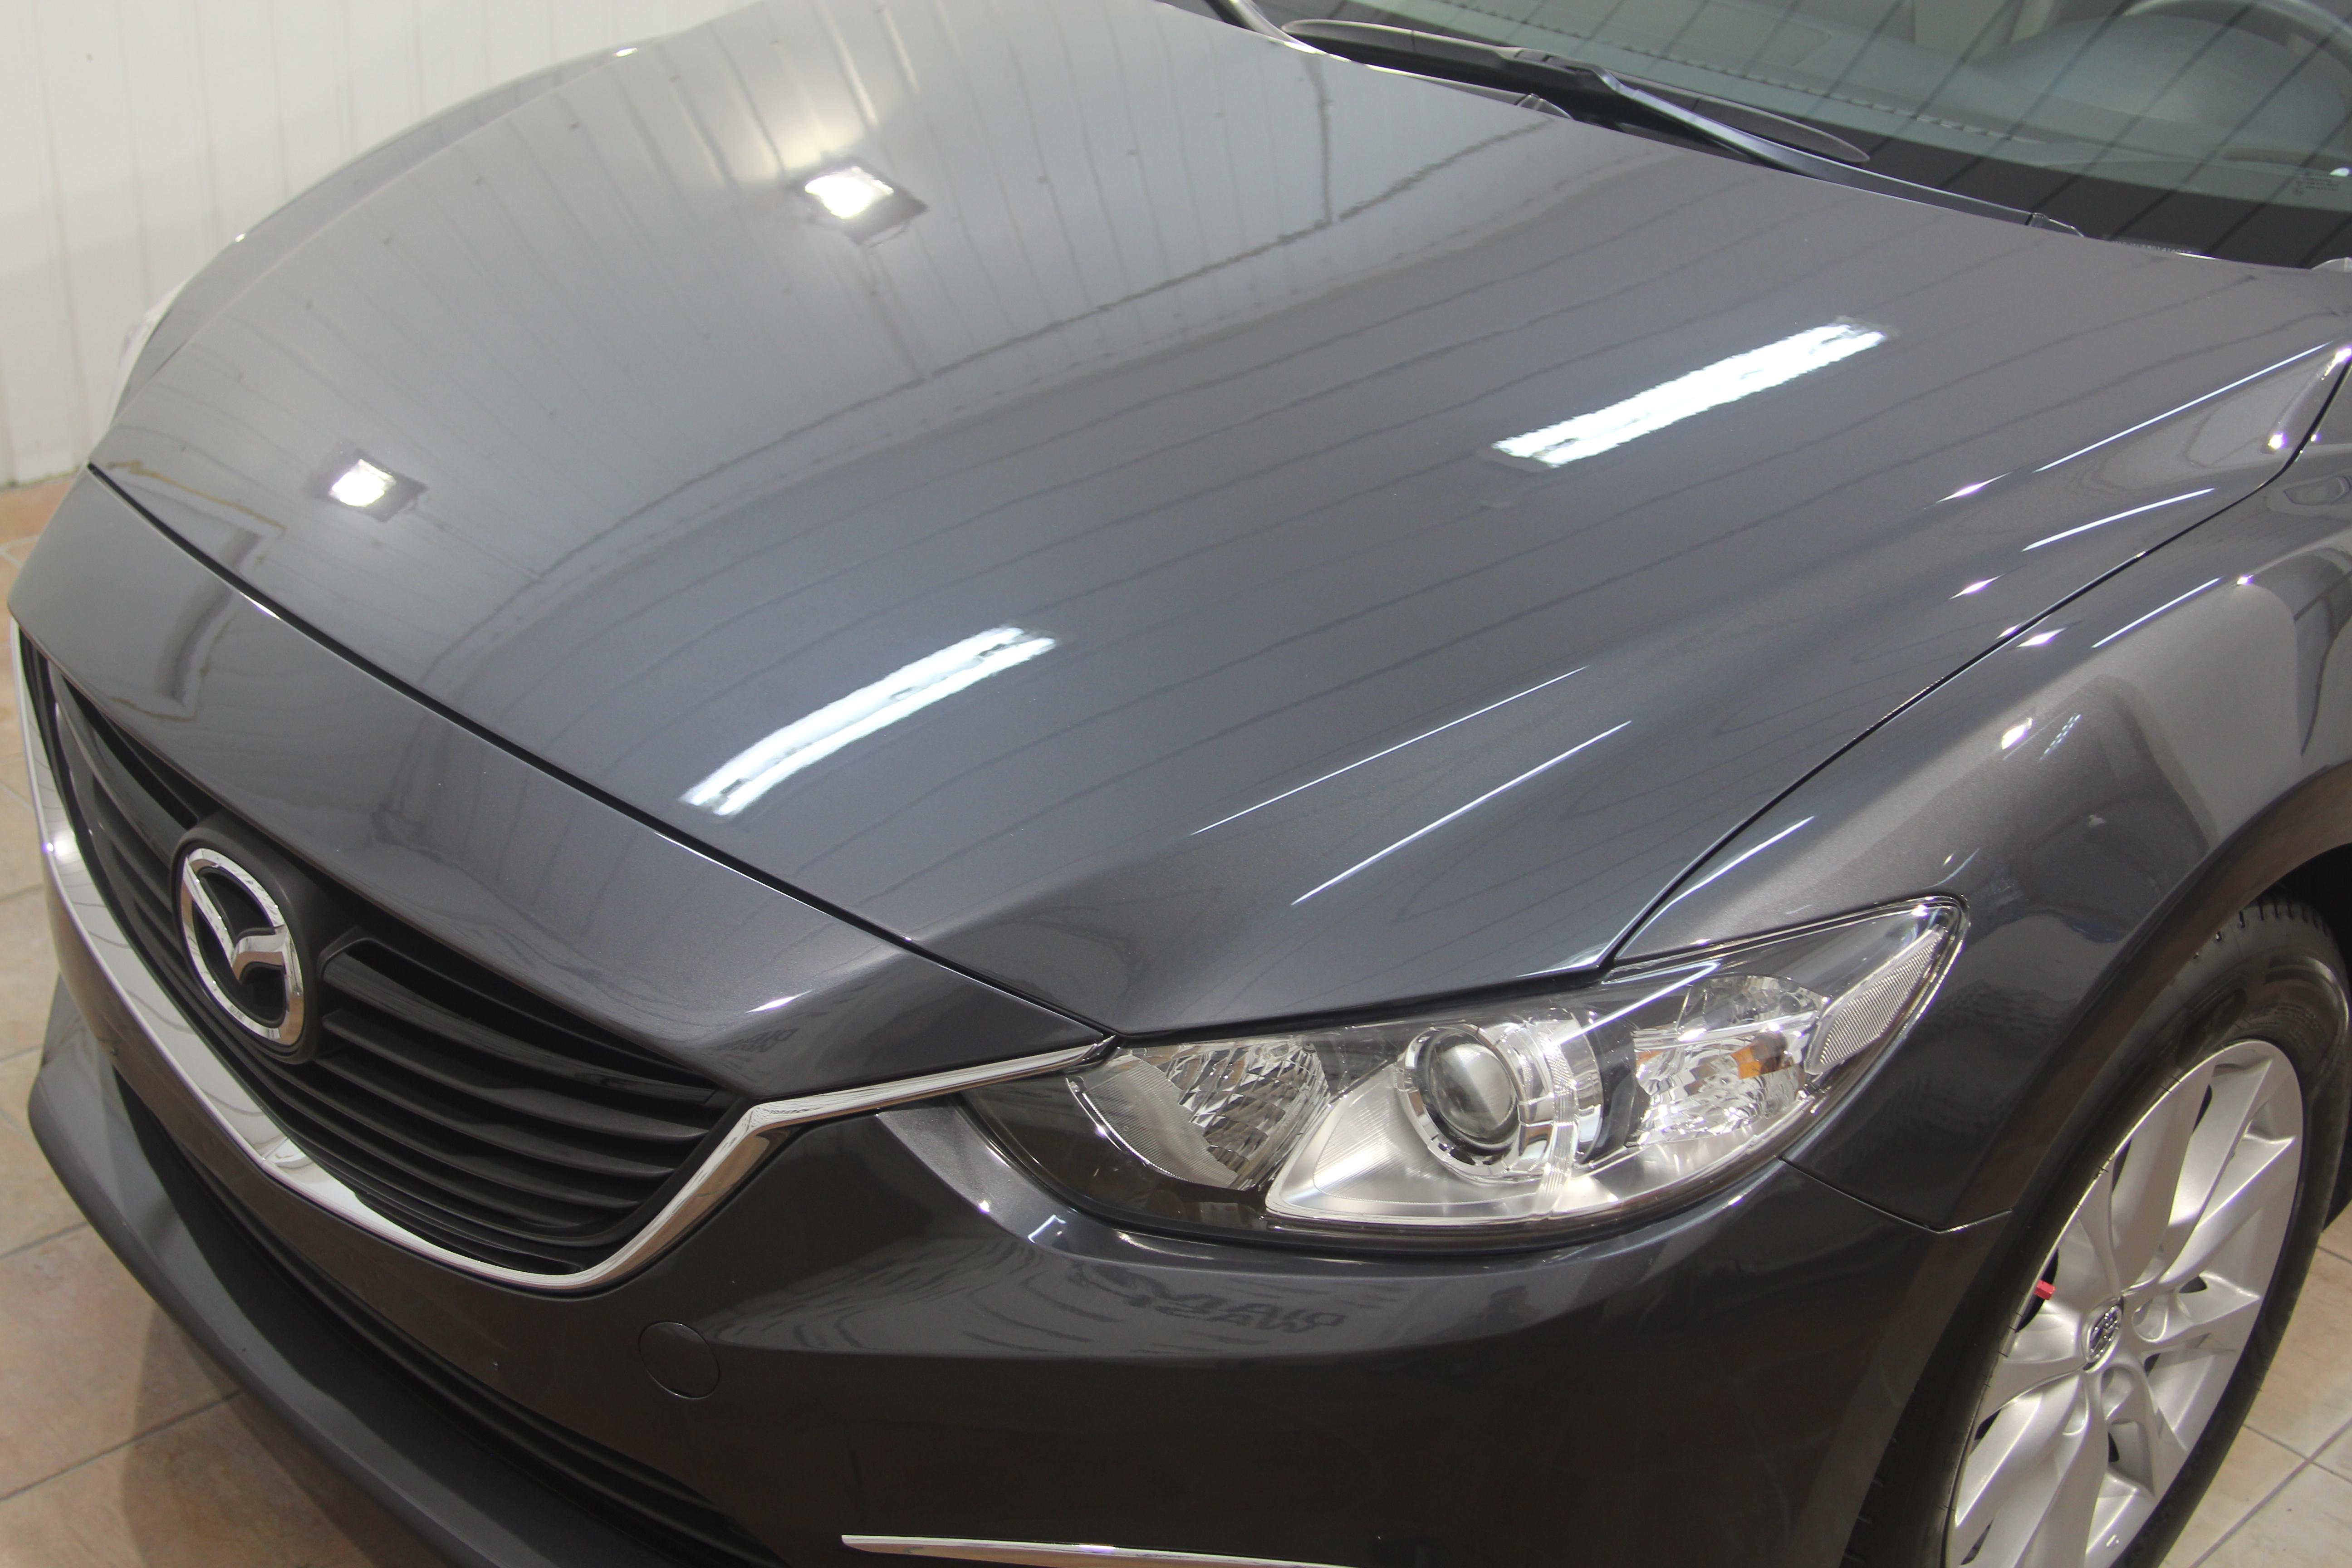 Mazda 6 2016 polerowanie + kwarc